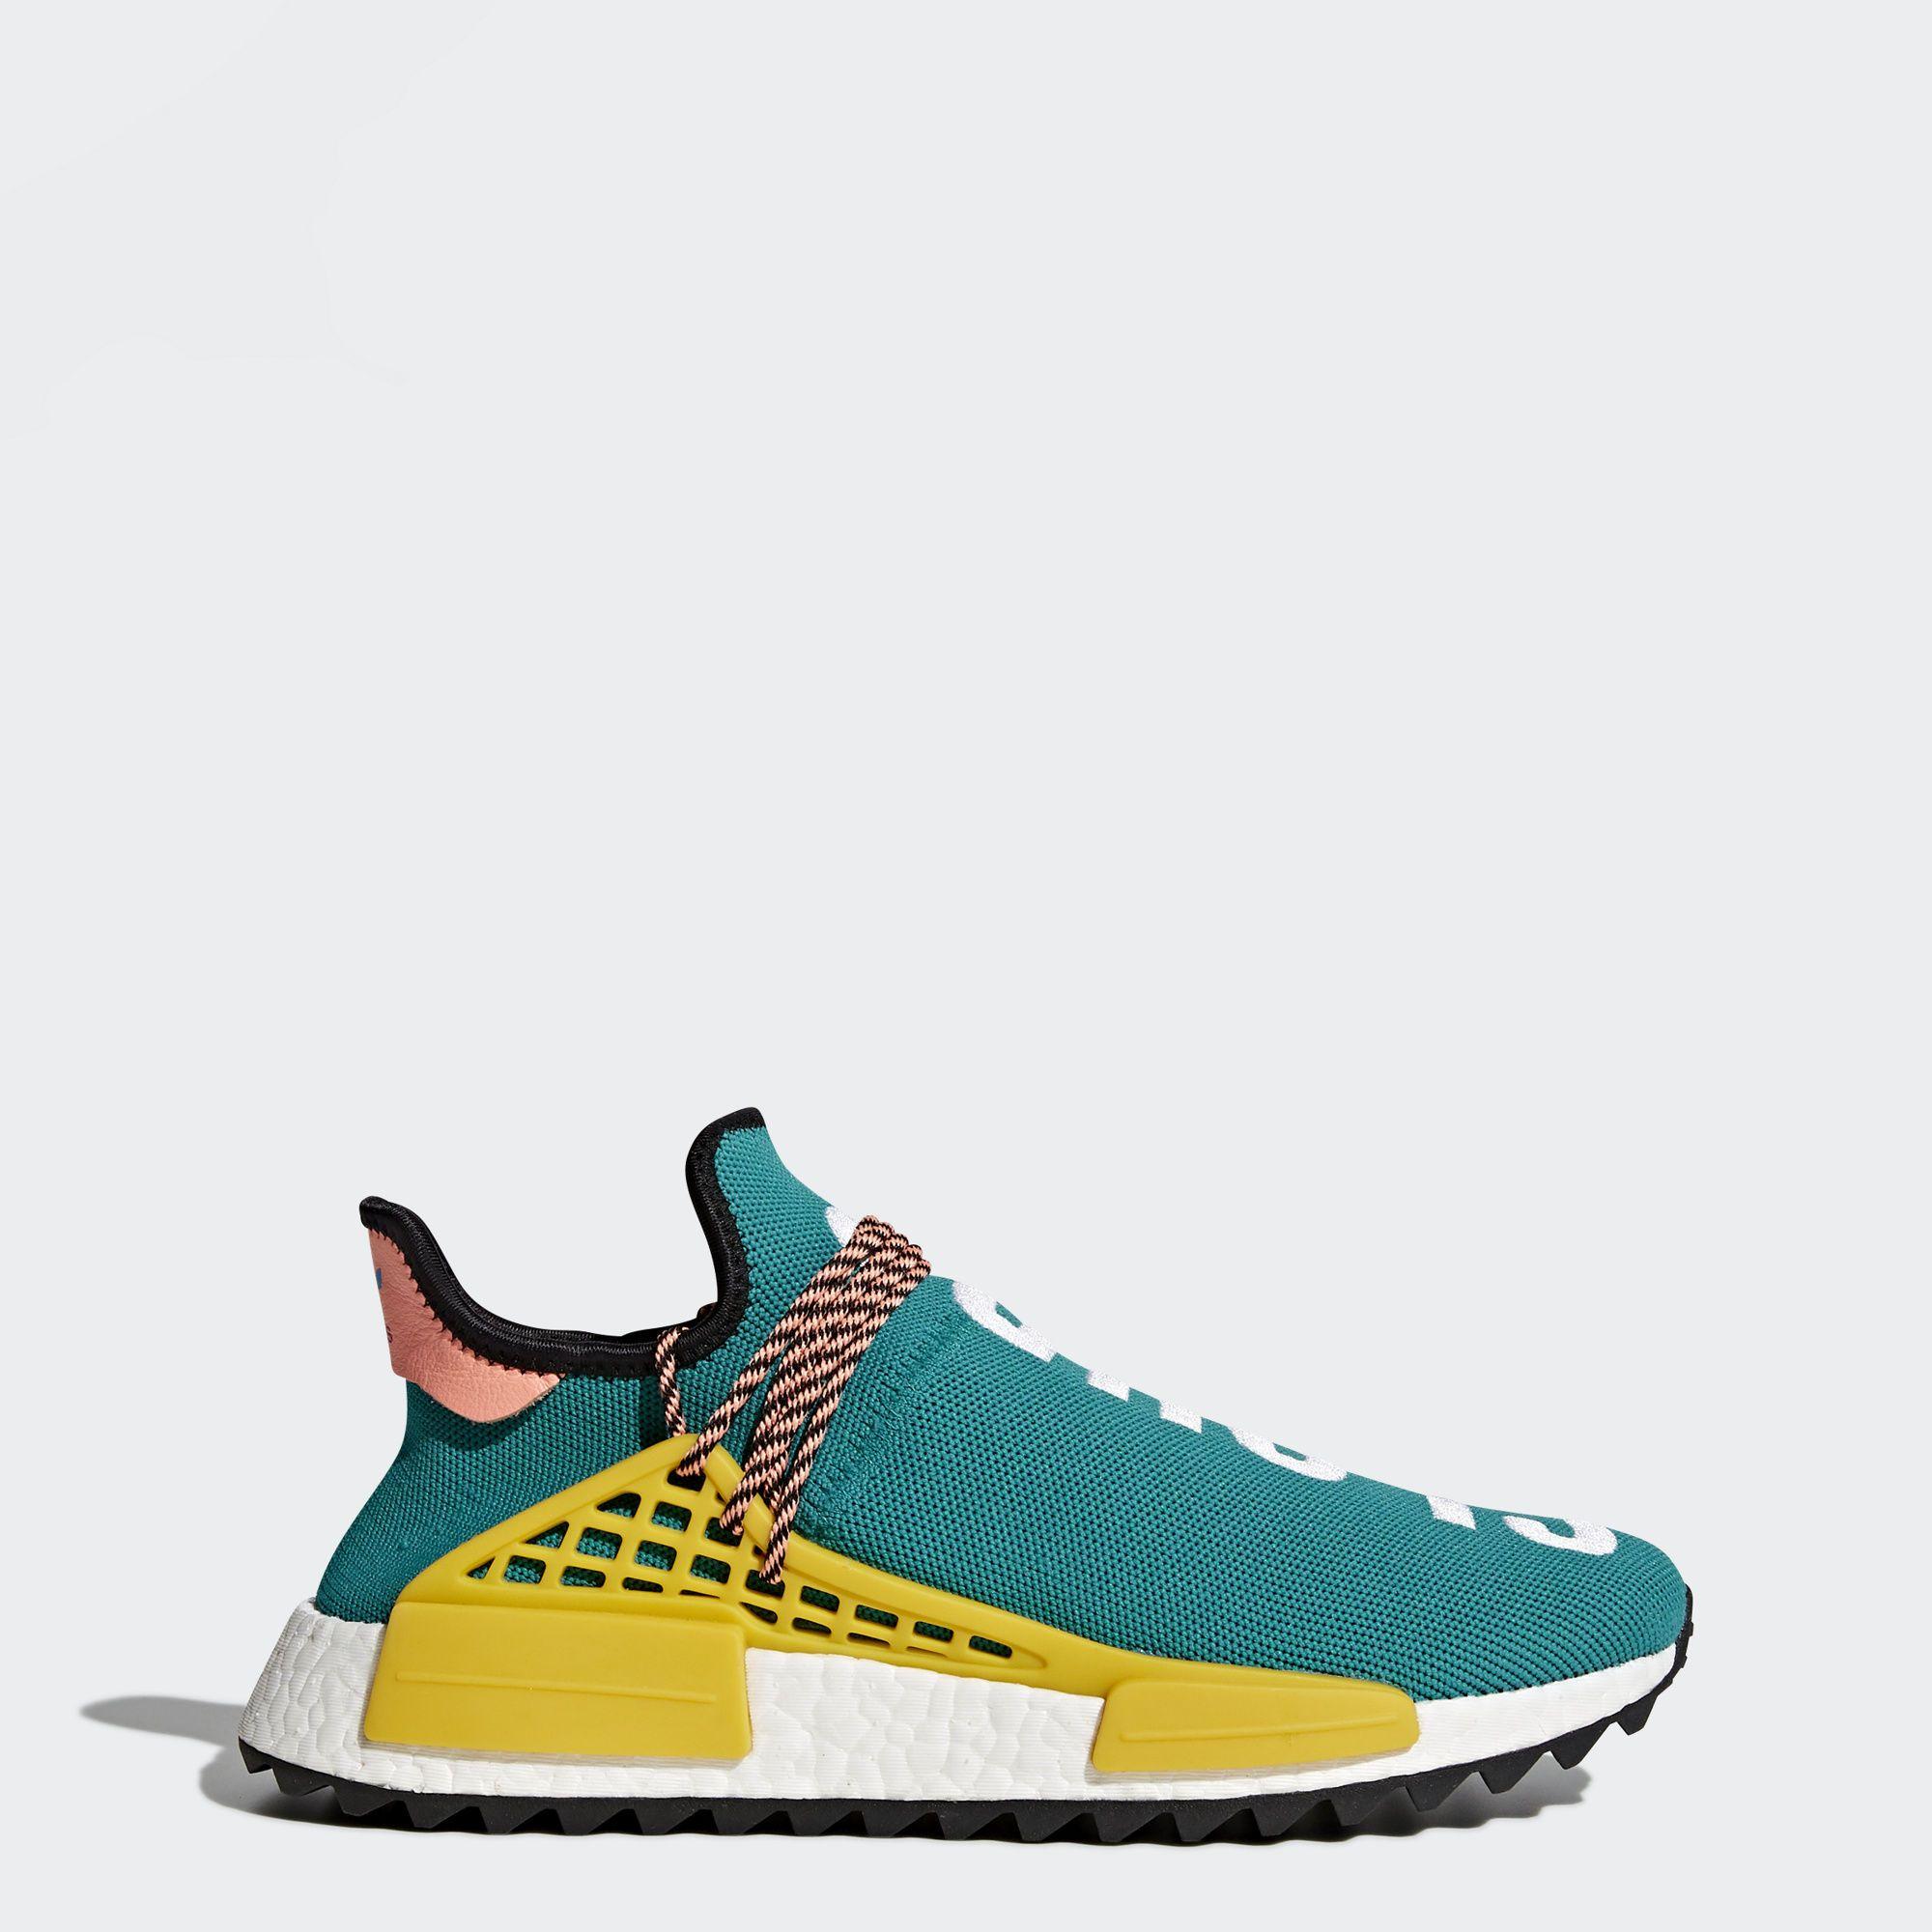 pretty nice cf6d1 375e2 El artista y creador Pharrell Williams colabora con adidas Originals y  desafía las barreras de género